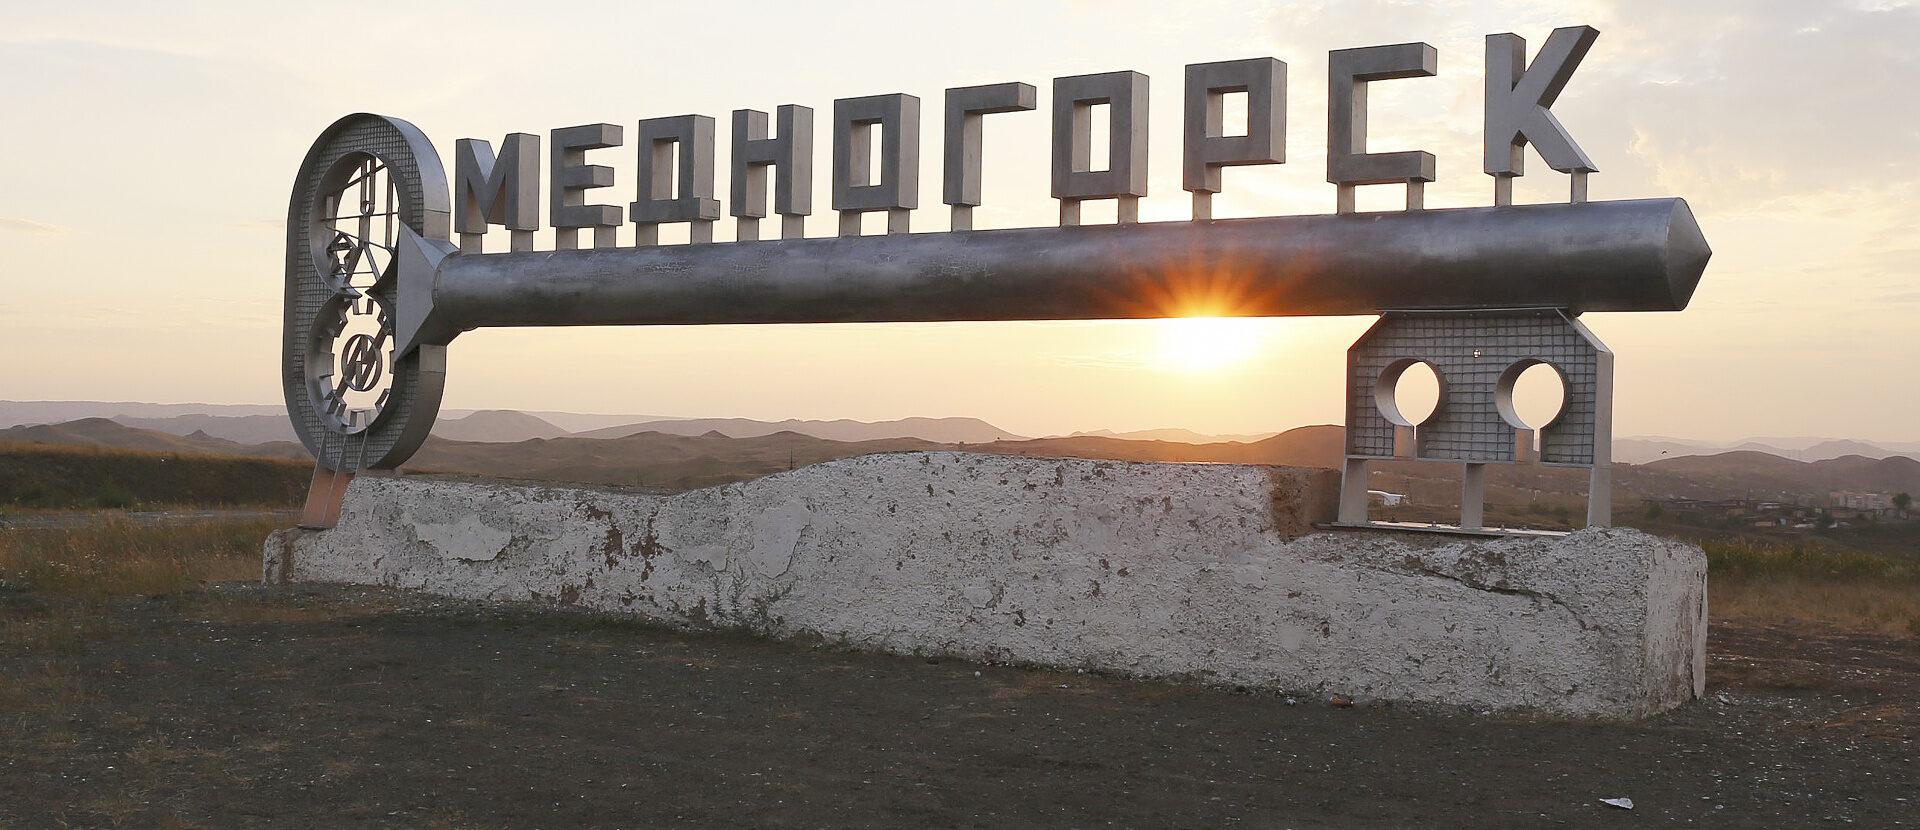 Визитная карточка Медногорска